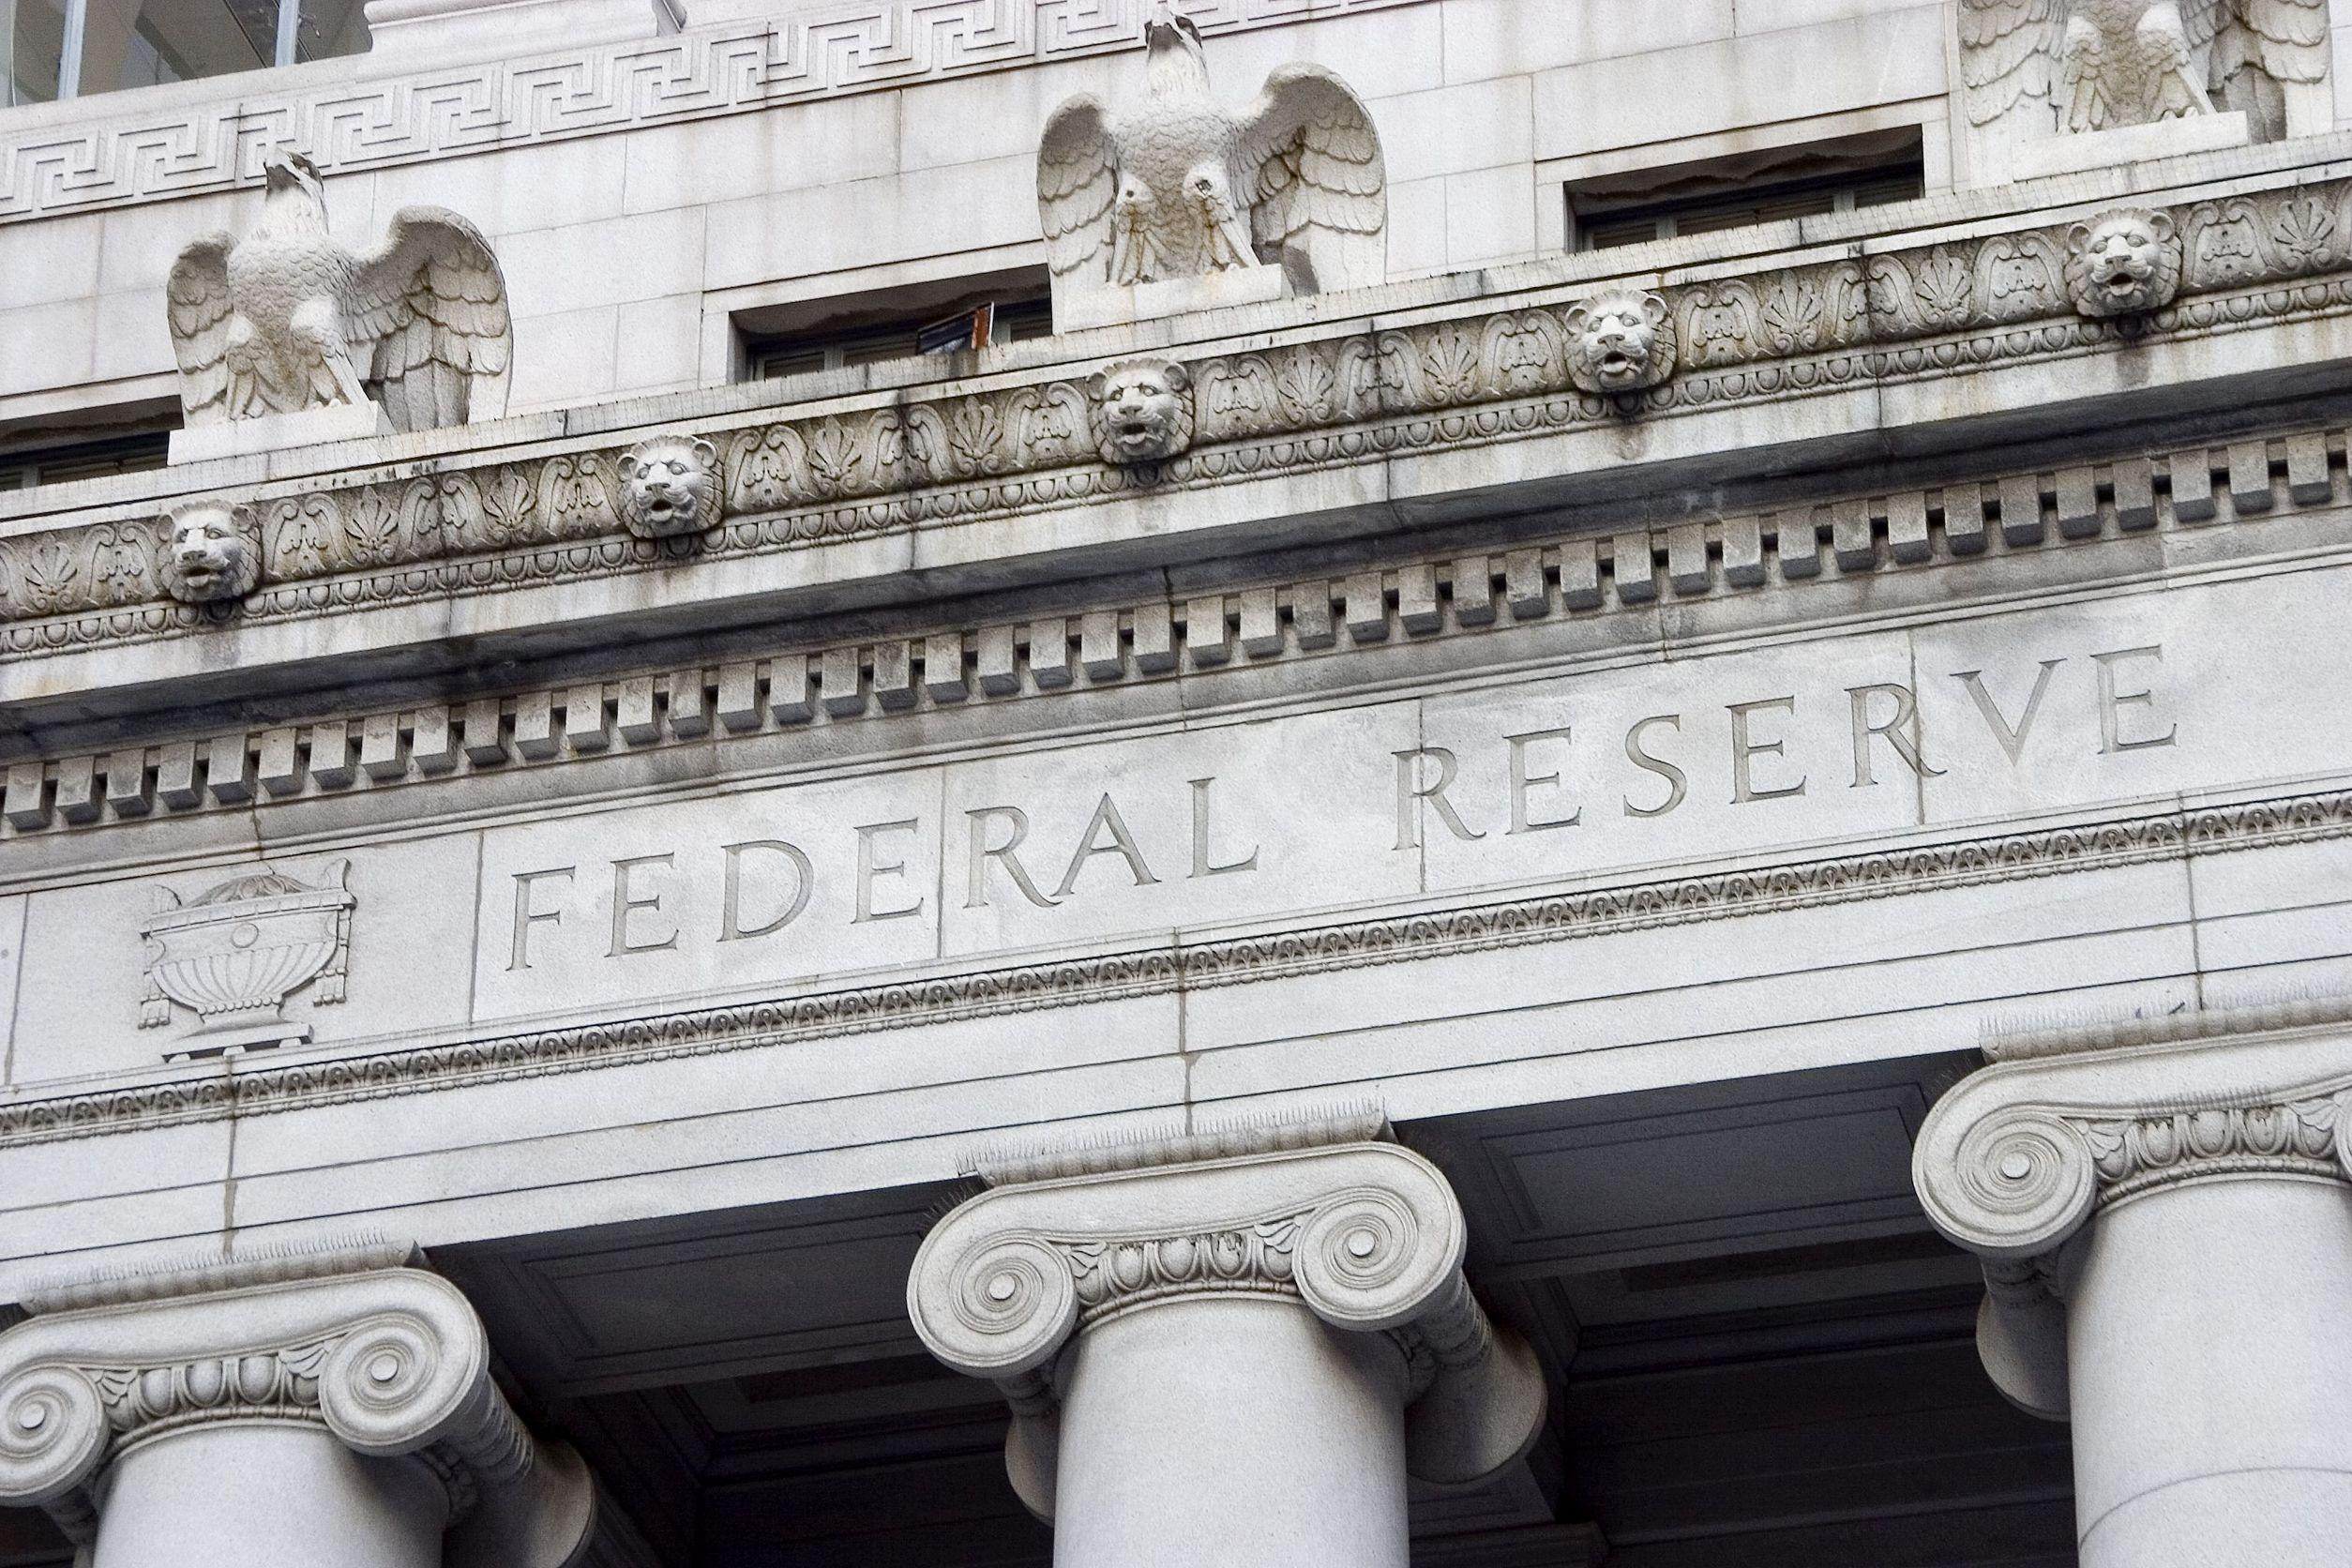 هل بيانات التوظيف تدعم رفع معدلات الفائدة الأمريكية فى يونيو المقبل؟